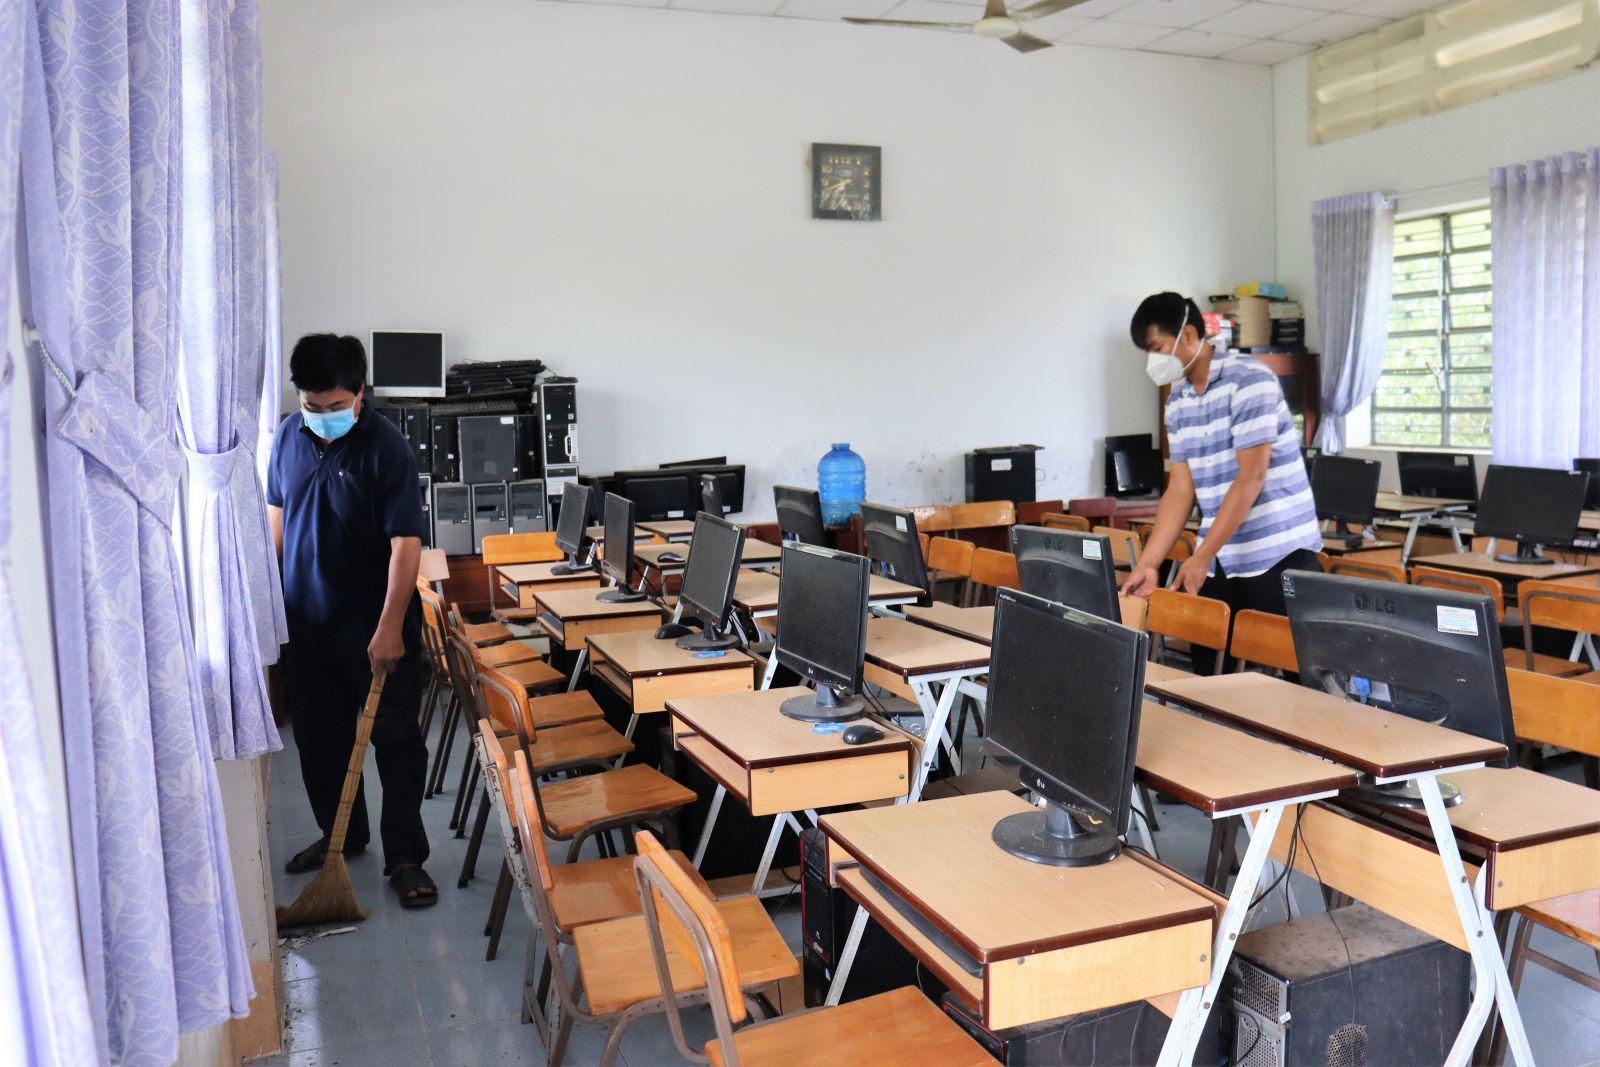 Giáo viên Trường THCS Phước Vân lau dọn bàn ghế, trang thiết bị phục vụ năm học mới